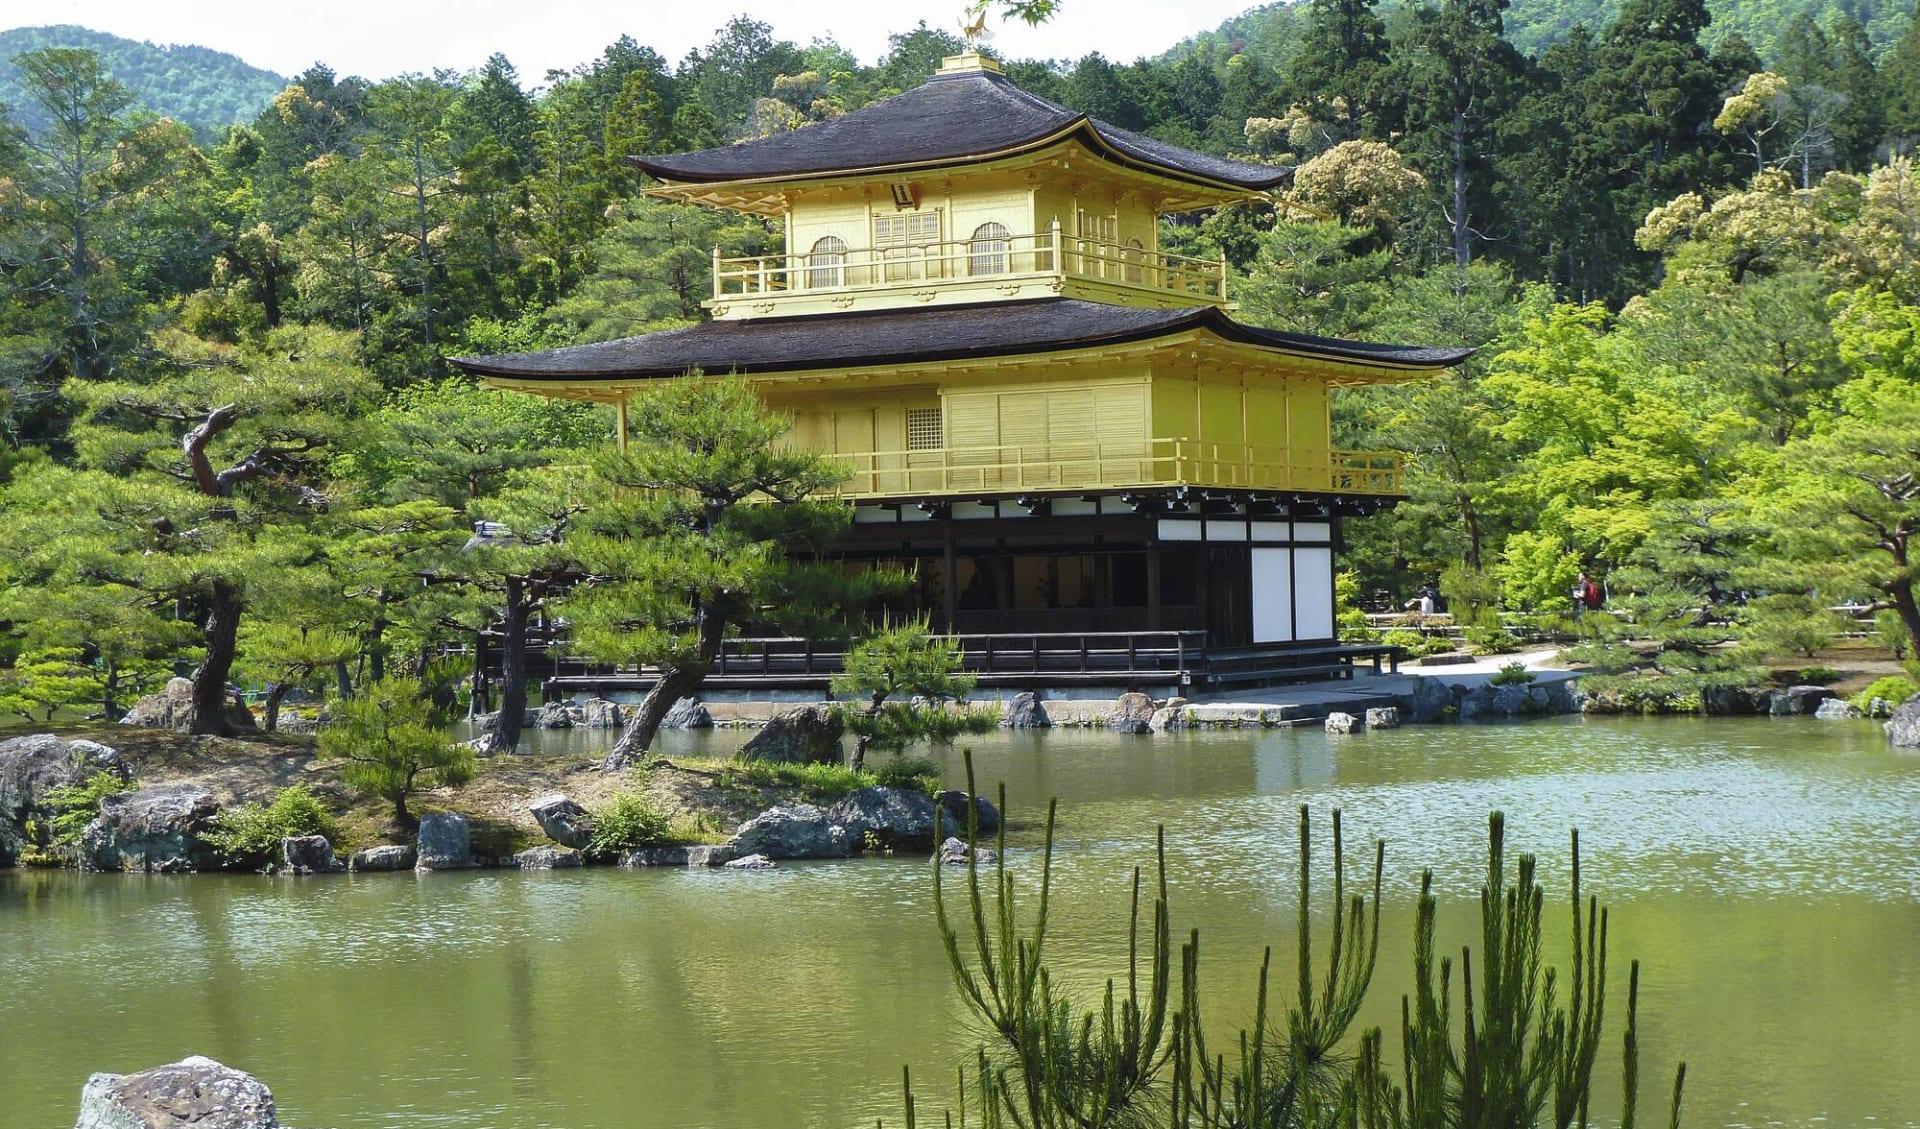 Leserreise Luzerner Zeitung Japan Rundreise ab Tokio: Japan